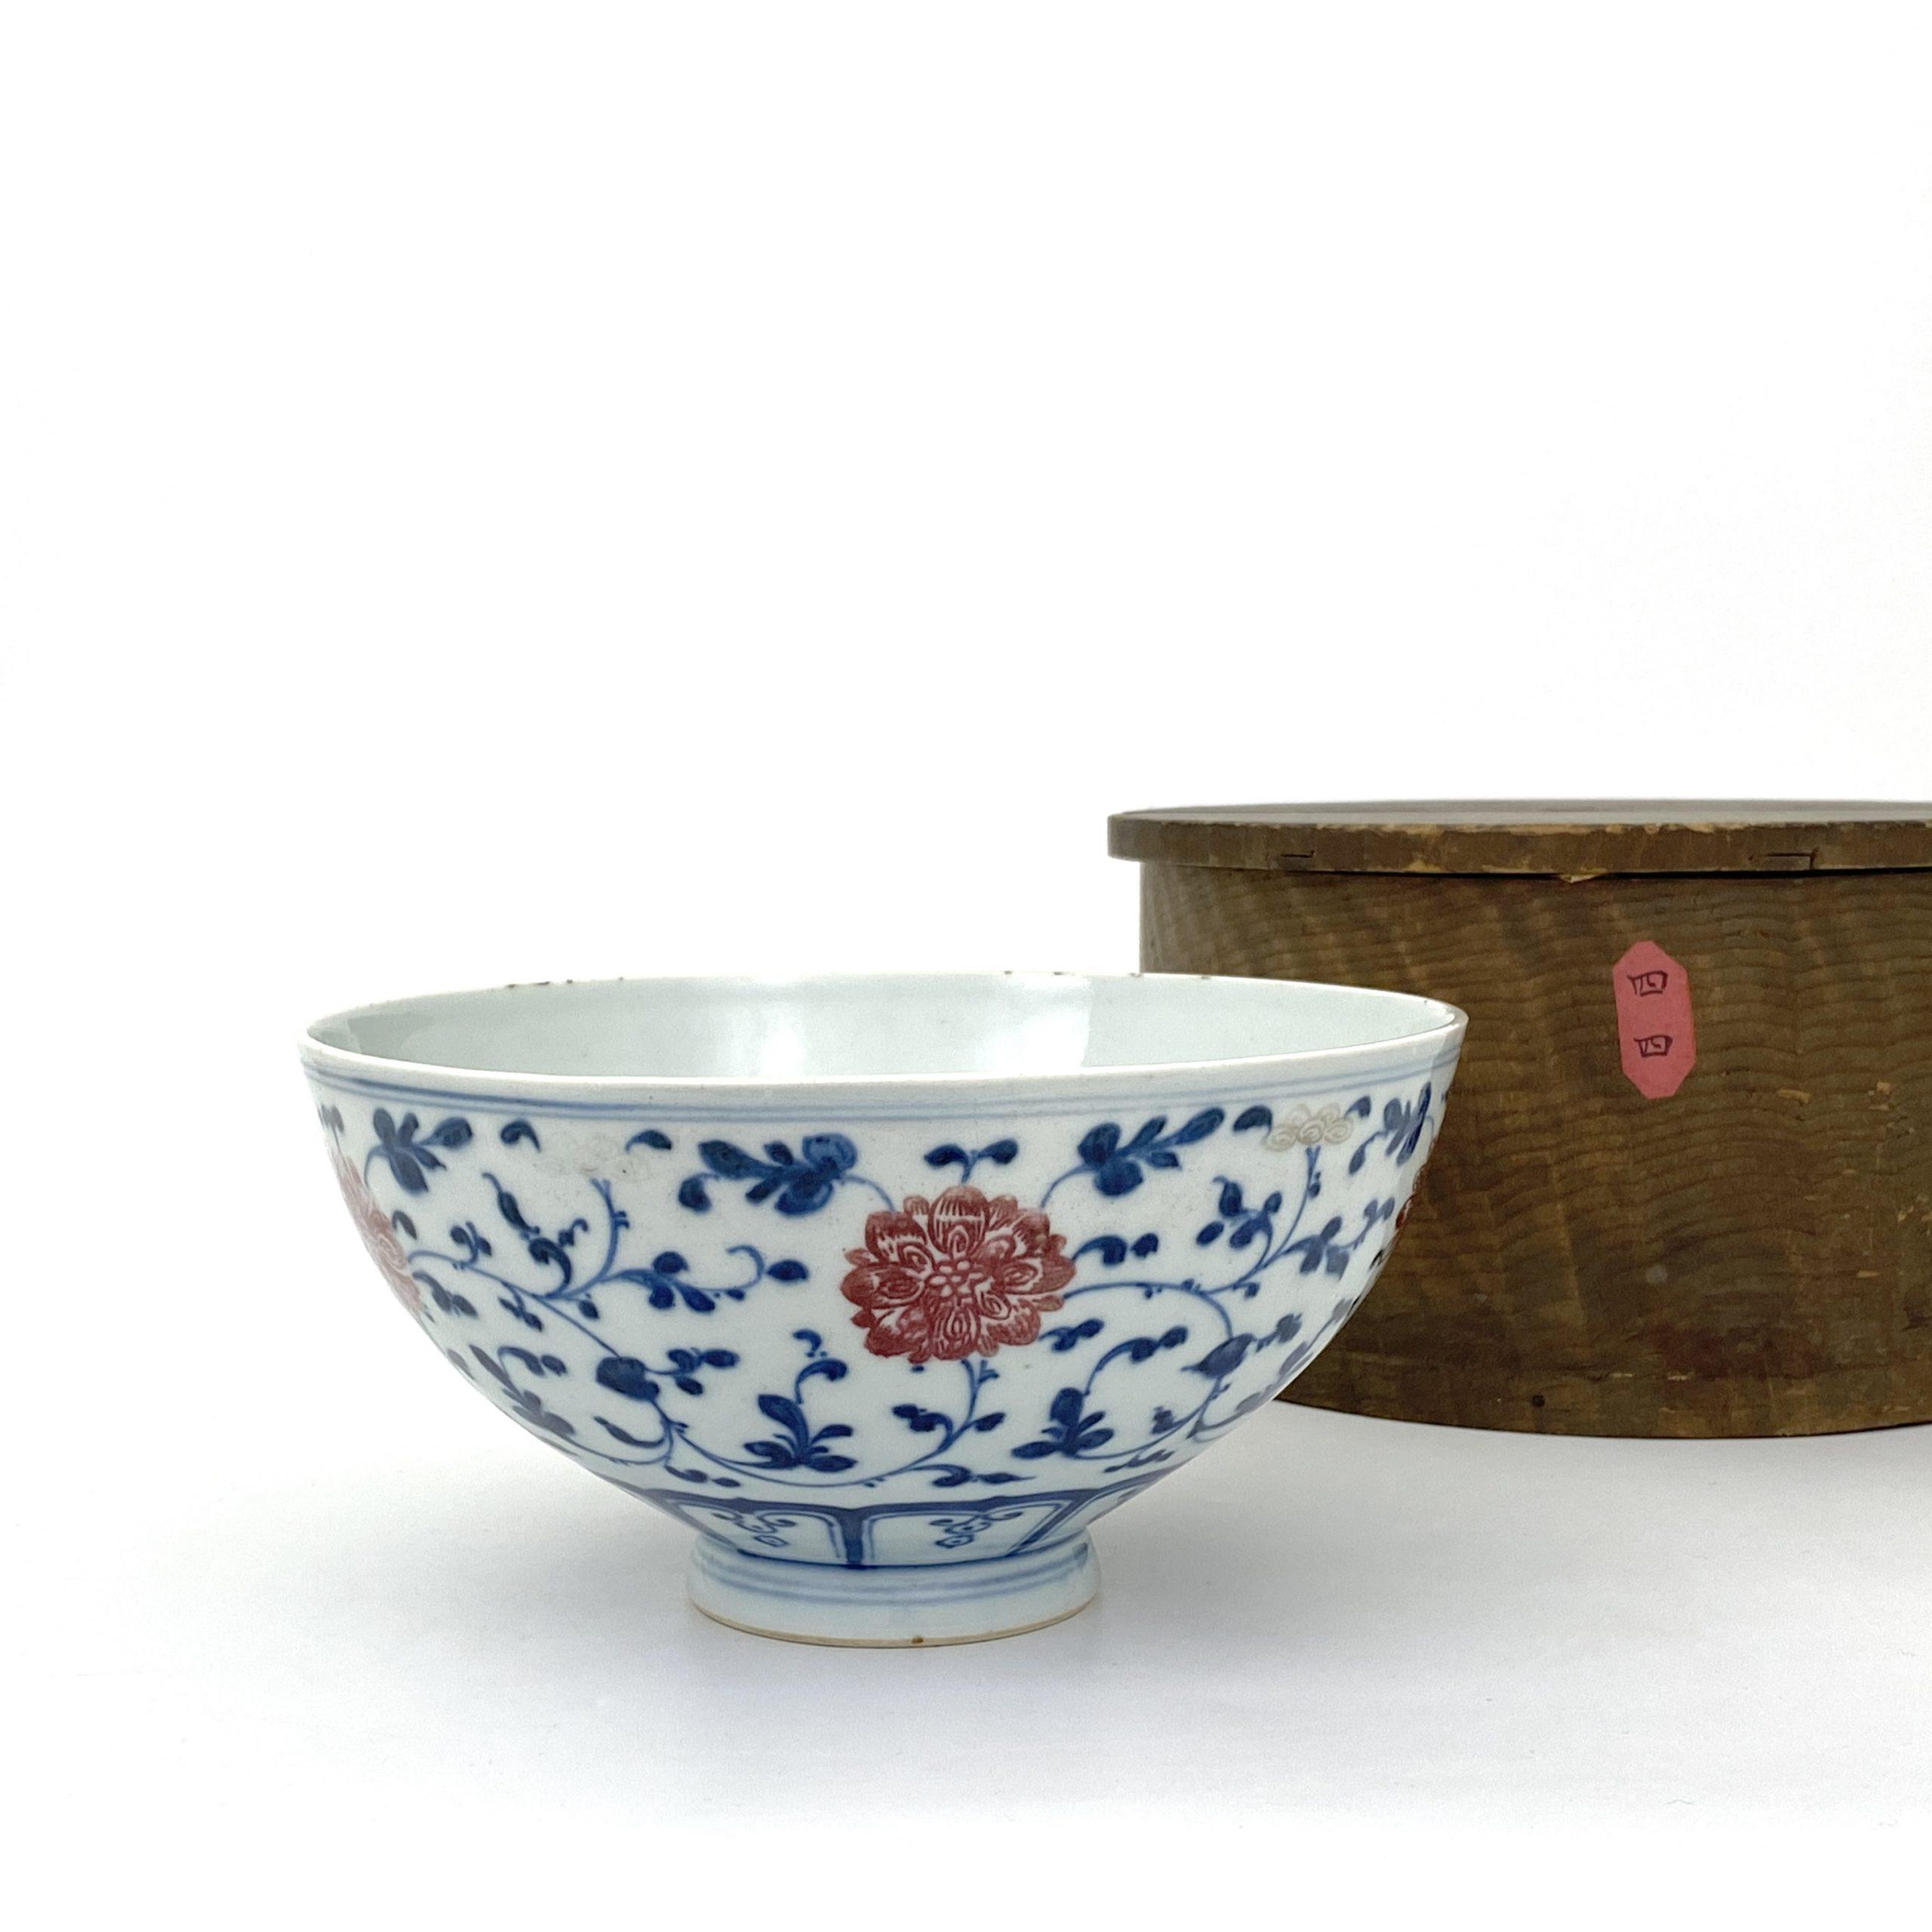 21248清「大清乾隆年製」款 青花釉裏紅 蓮花紋 碗